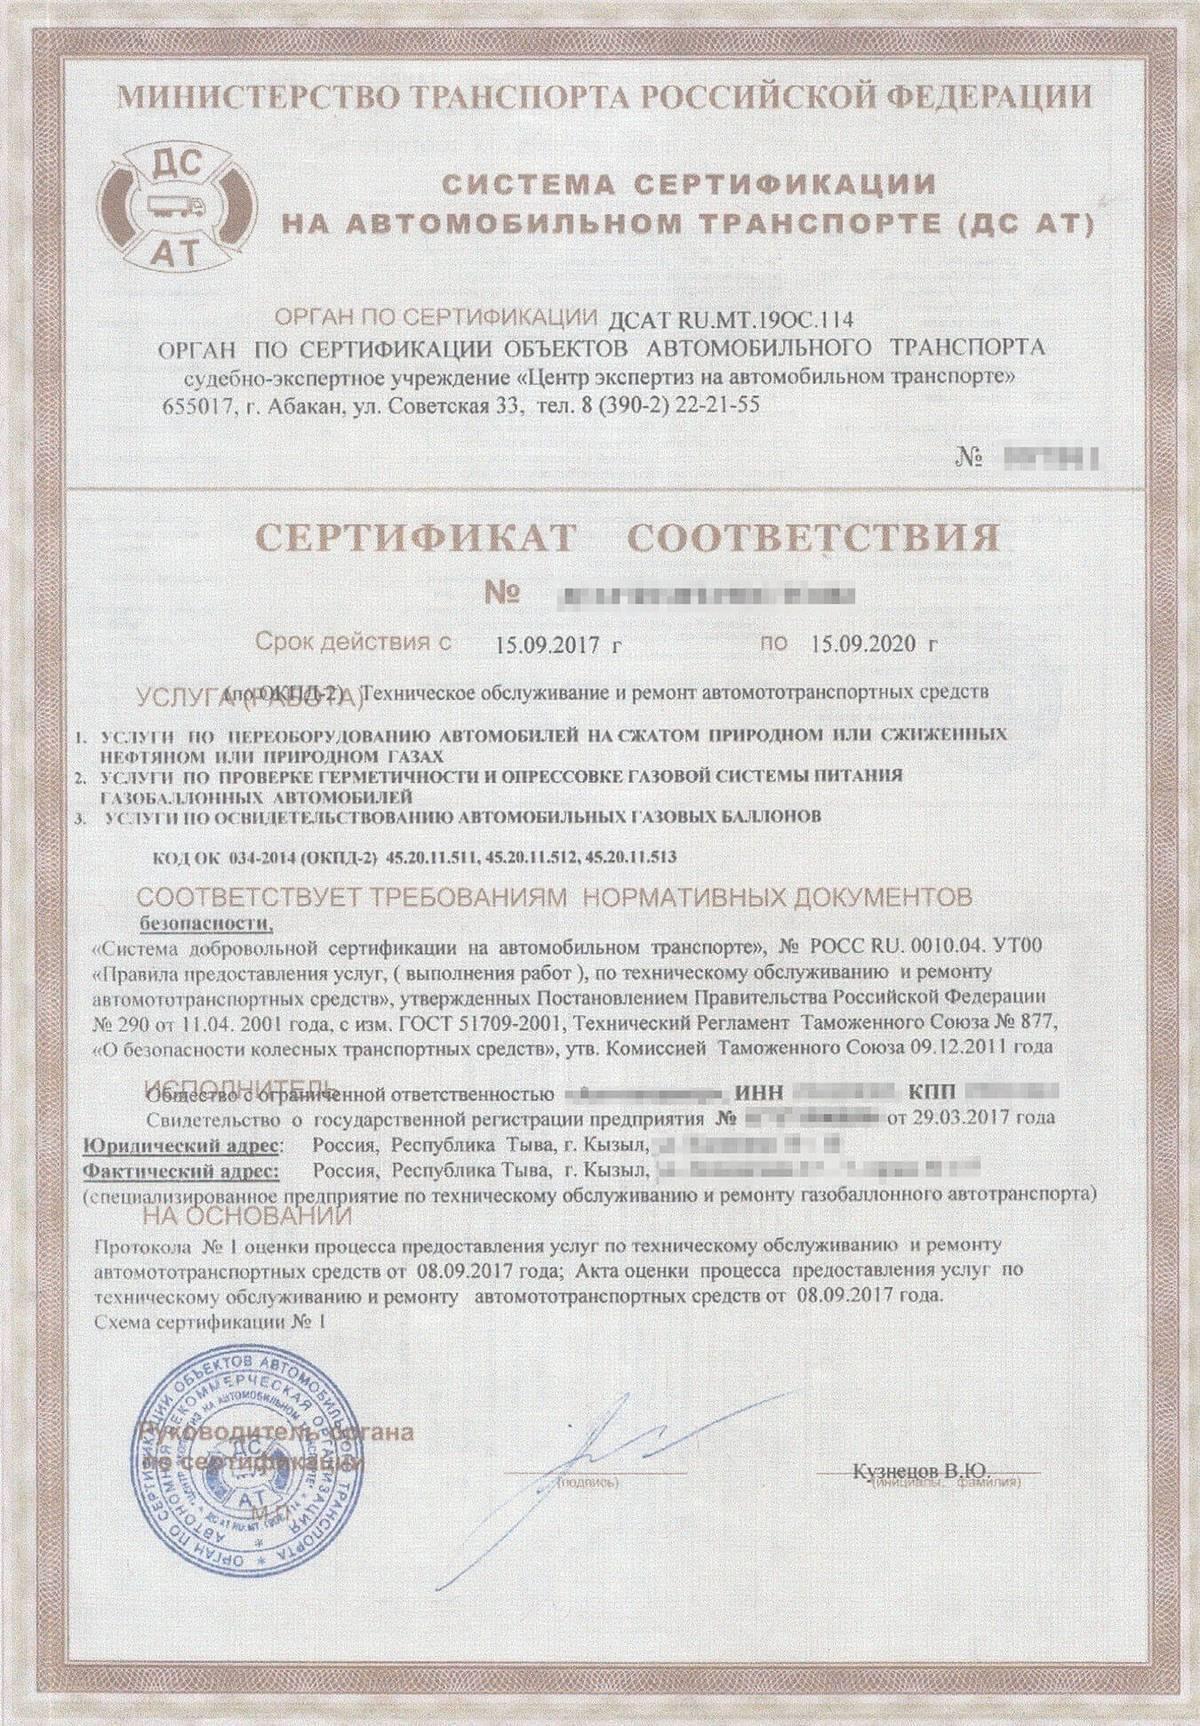 Вместе с заявлением в ГИБДД нужно принести сертификат соответствия — он подтверждает, что фирма имеет право устанавливать ГБО. Копию сертификата мне предоставили в сервисе